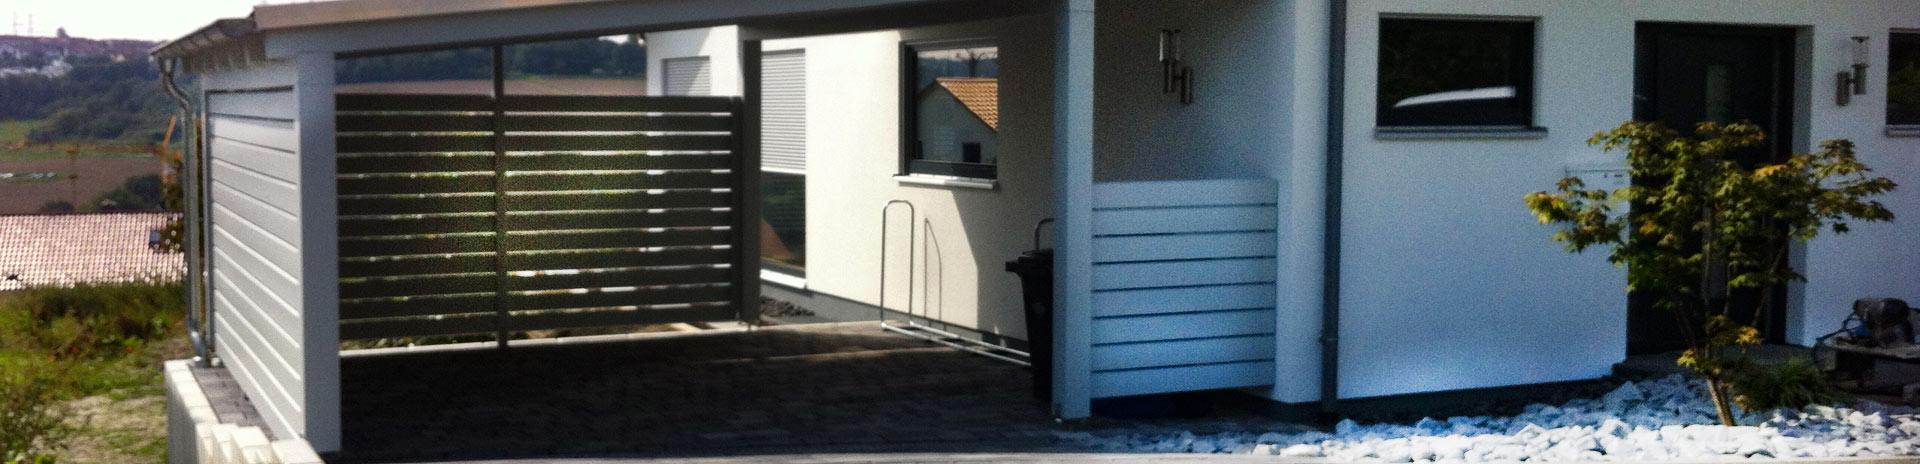 moebelundmehr carport. Black Bedroom Furniture Sets. Home Design Ideas